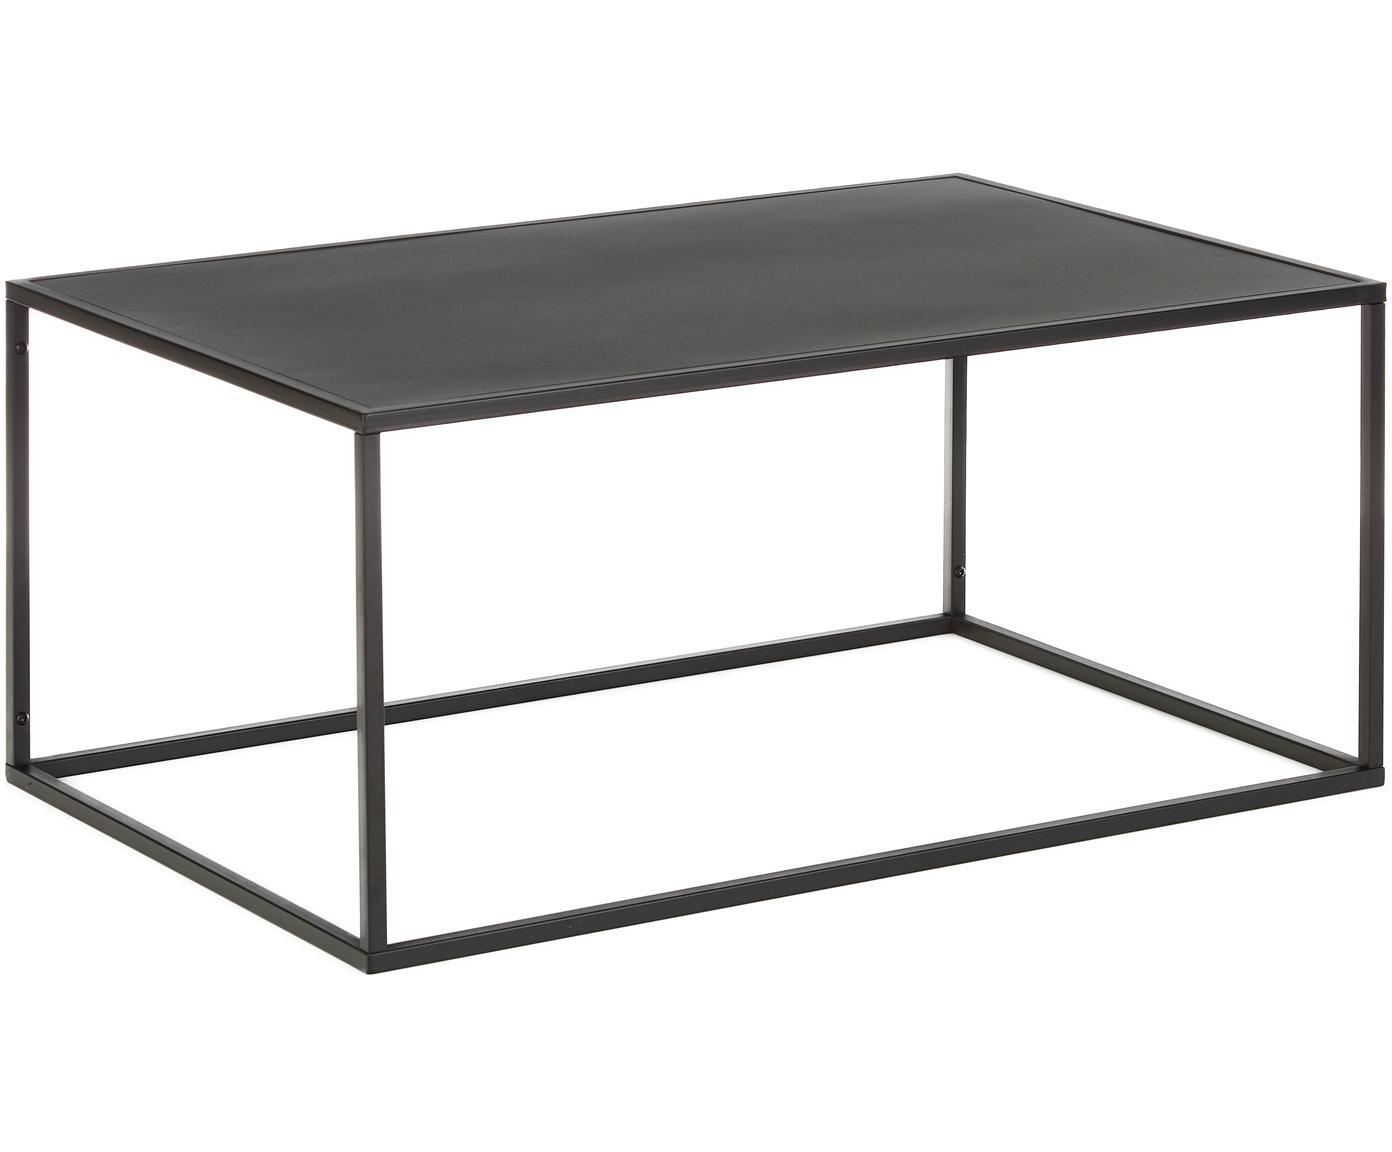 Stolik kawowy z metalu Newton, Metal malowany proszkowo, Czarny, S 90 x G 60 cm